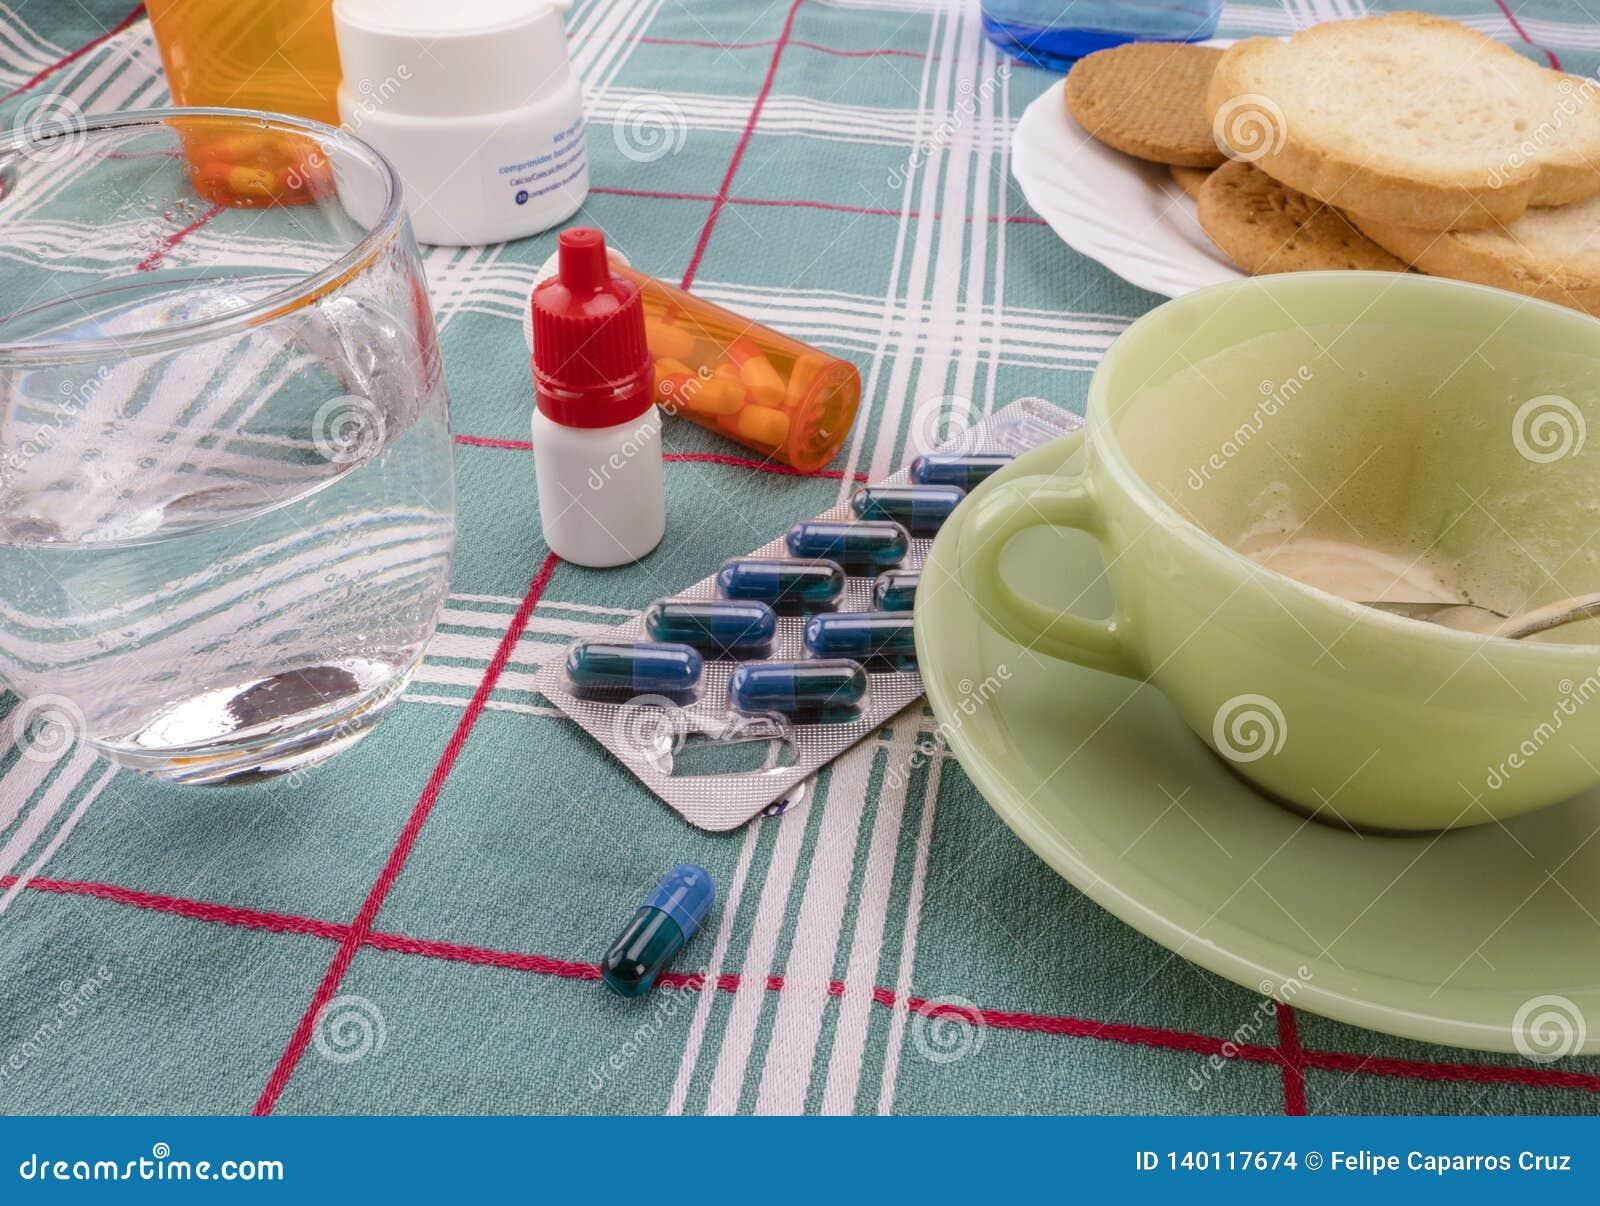 Läkarbehandling under frukosten, kapslar bredvid ett exponeringsglas av vatten, begreppsmässig bild